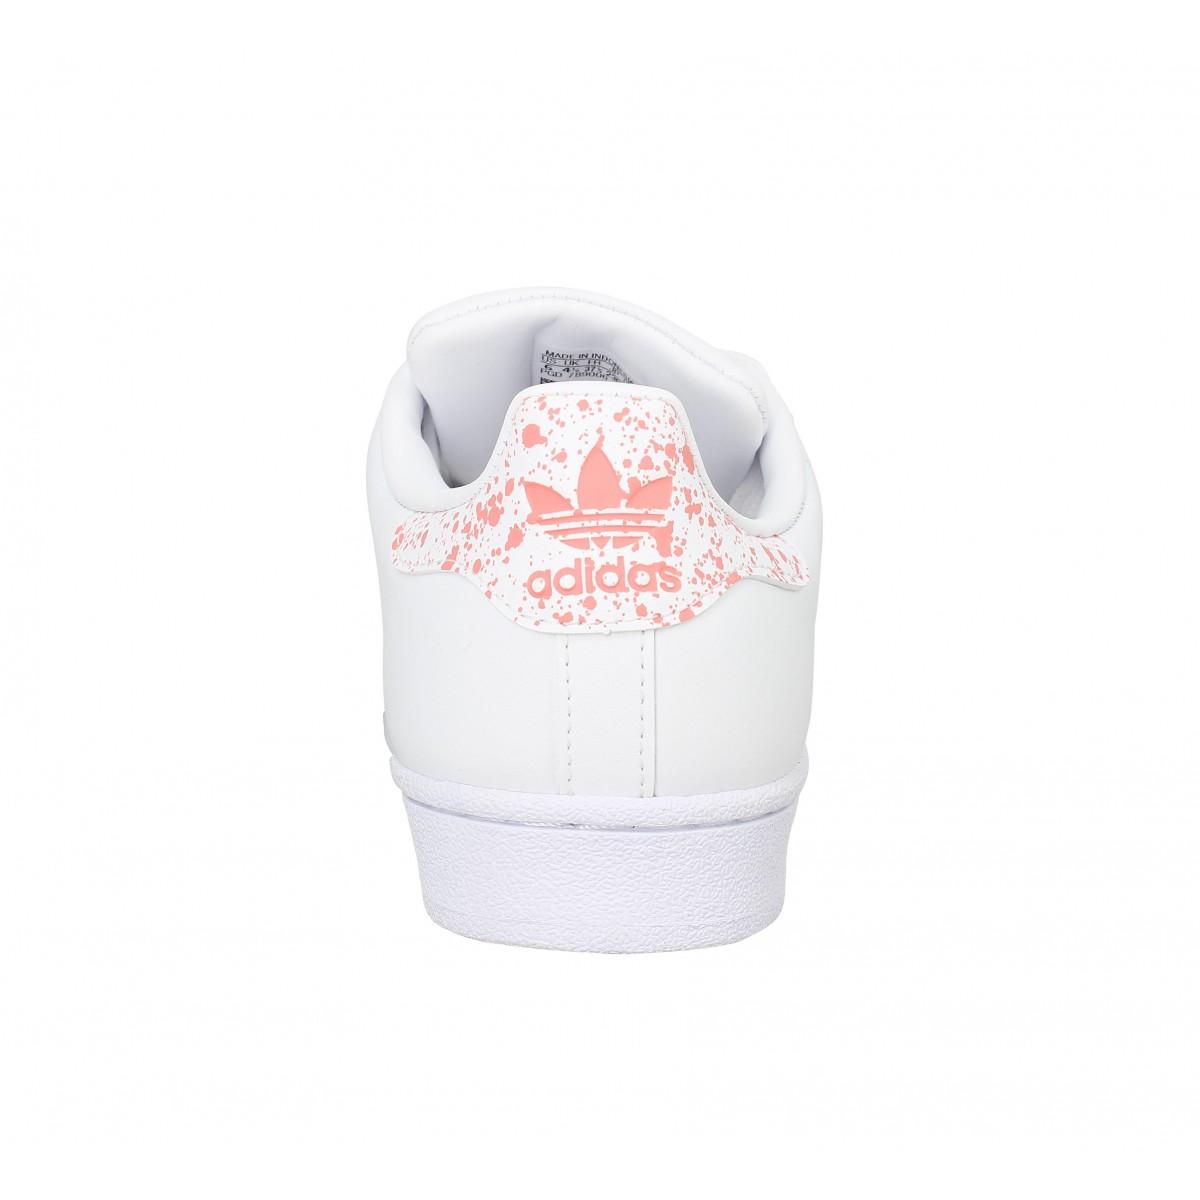 meilleures baskets c43a7 0009a ADIDAS Superstar cuir Femme Blanc Rose